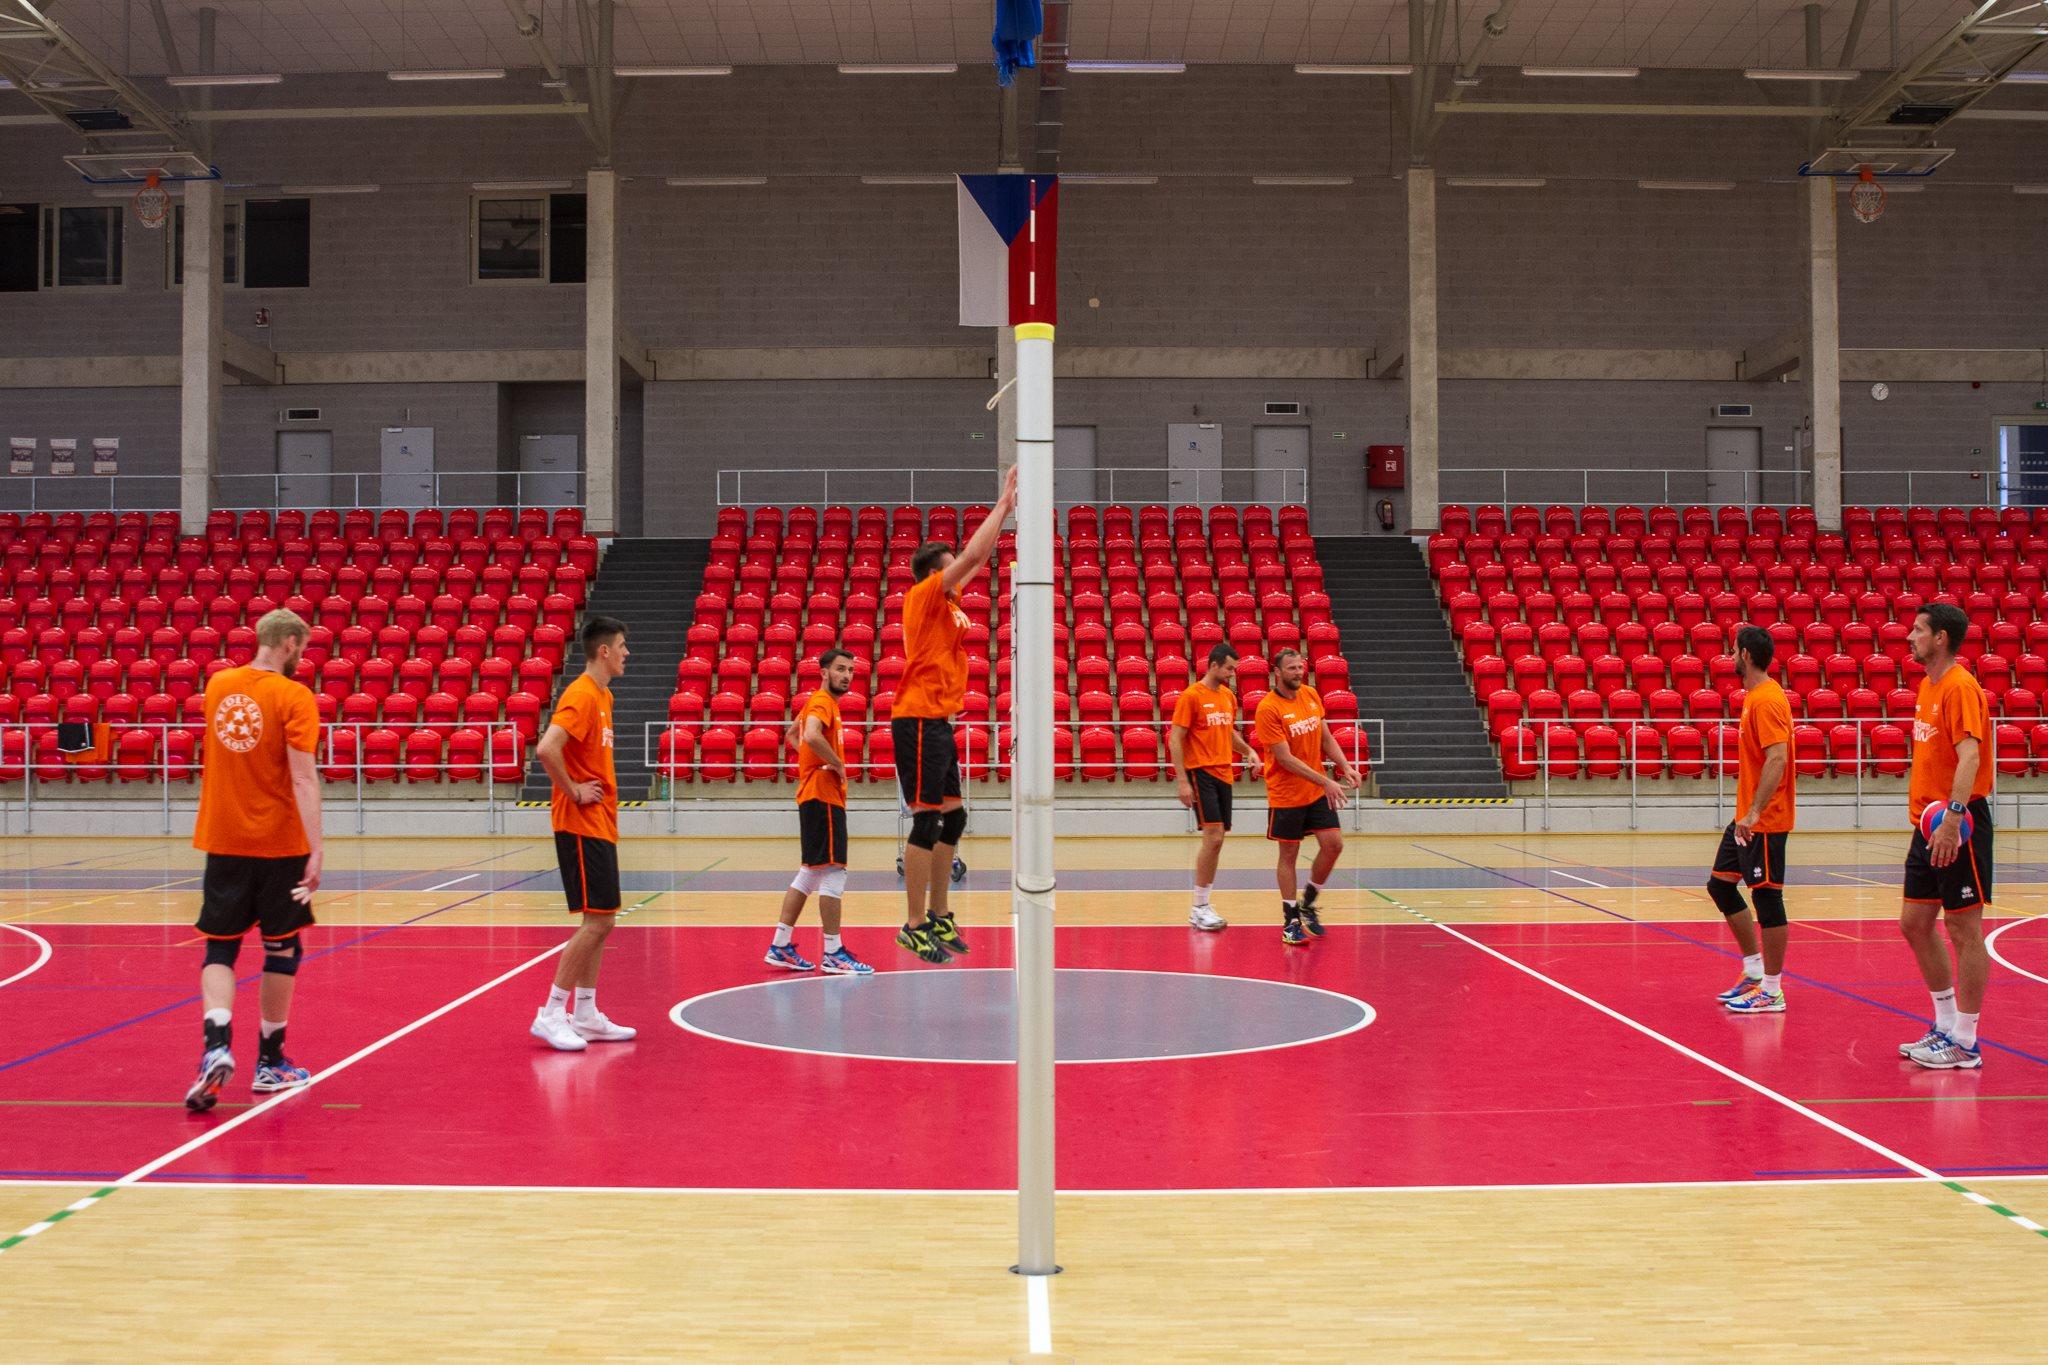 Foto: Volejbalisté zahájili přípravu a zvou fanoušky i na mezinárodní zápasy